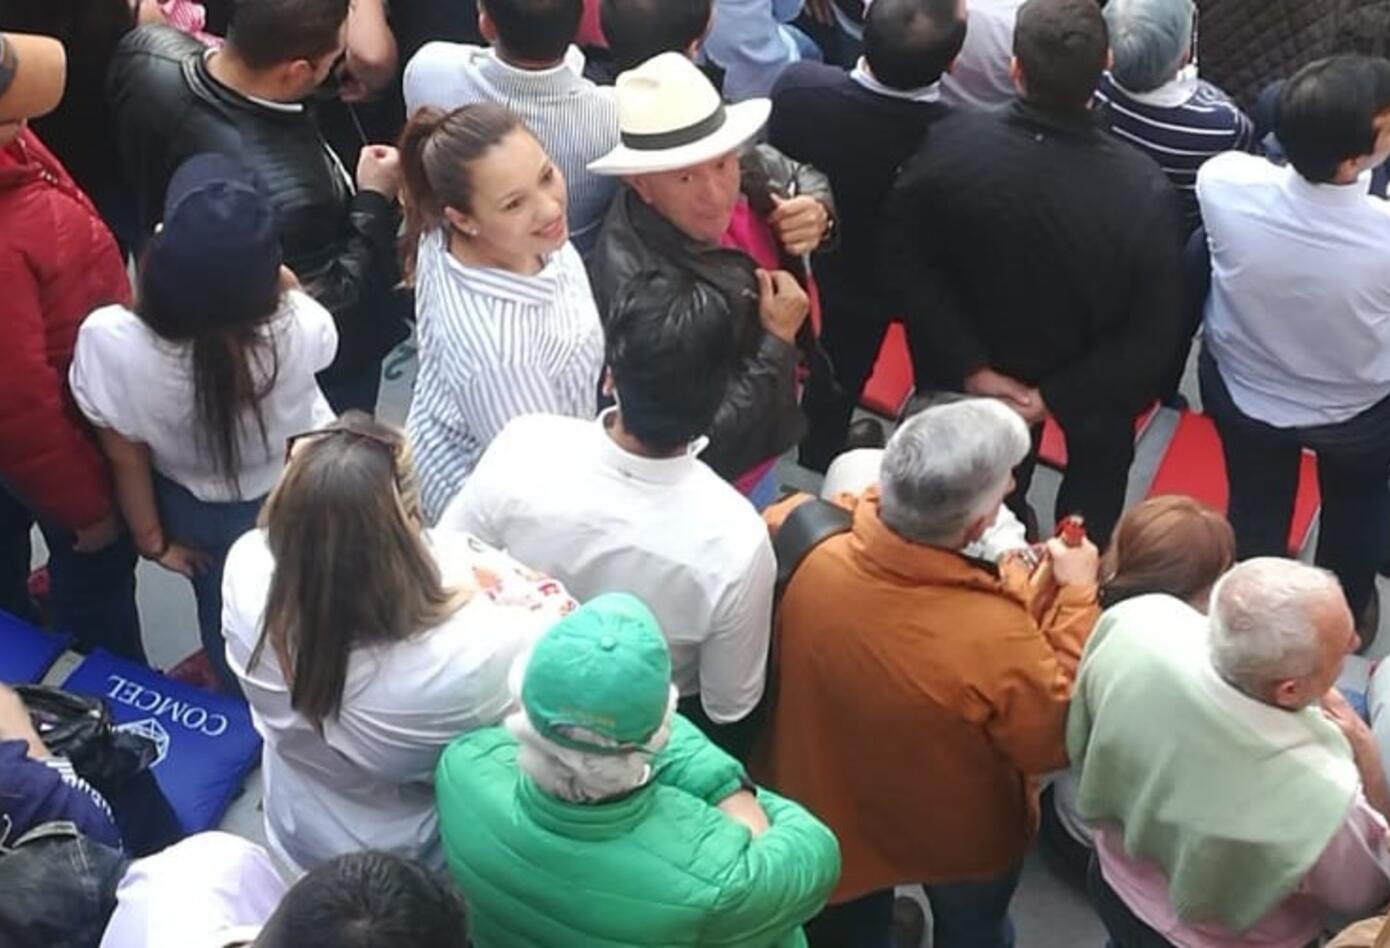 Público en la Plaza de Toros en Bogotá consumiendo licor, según la Personería